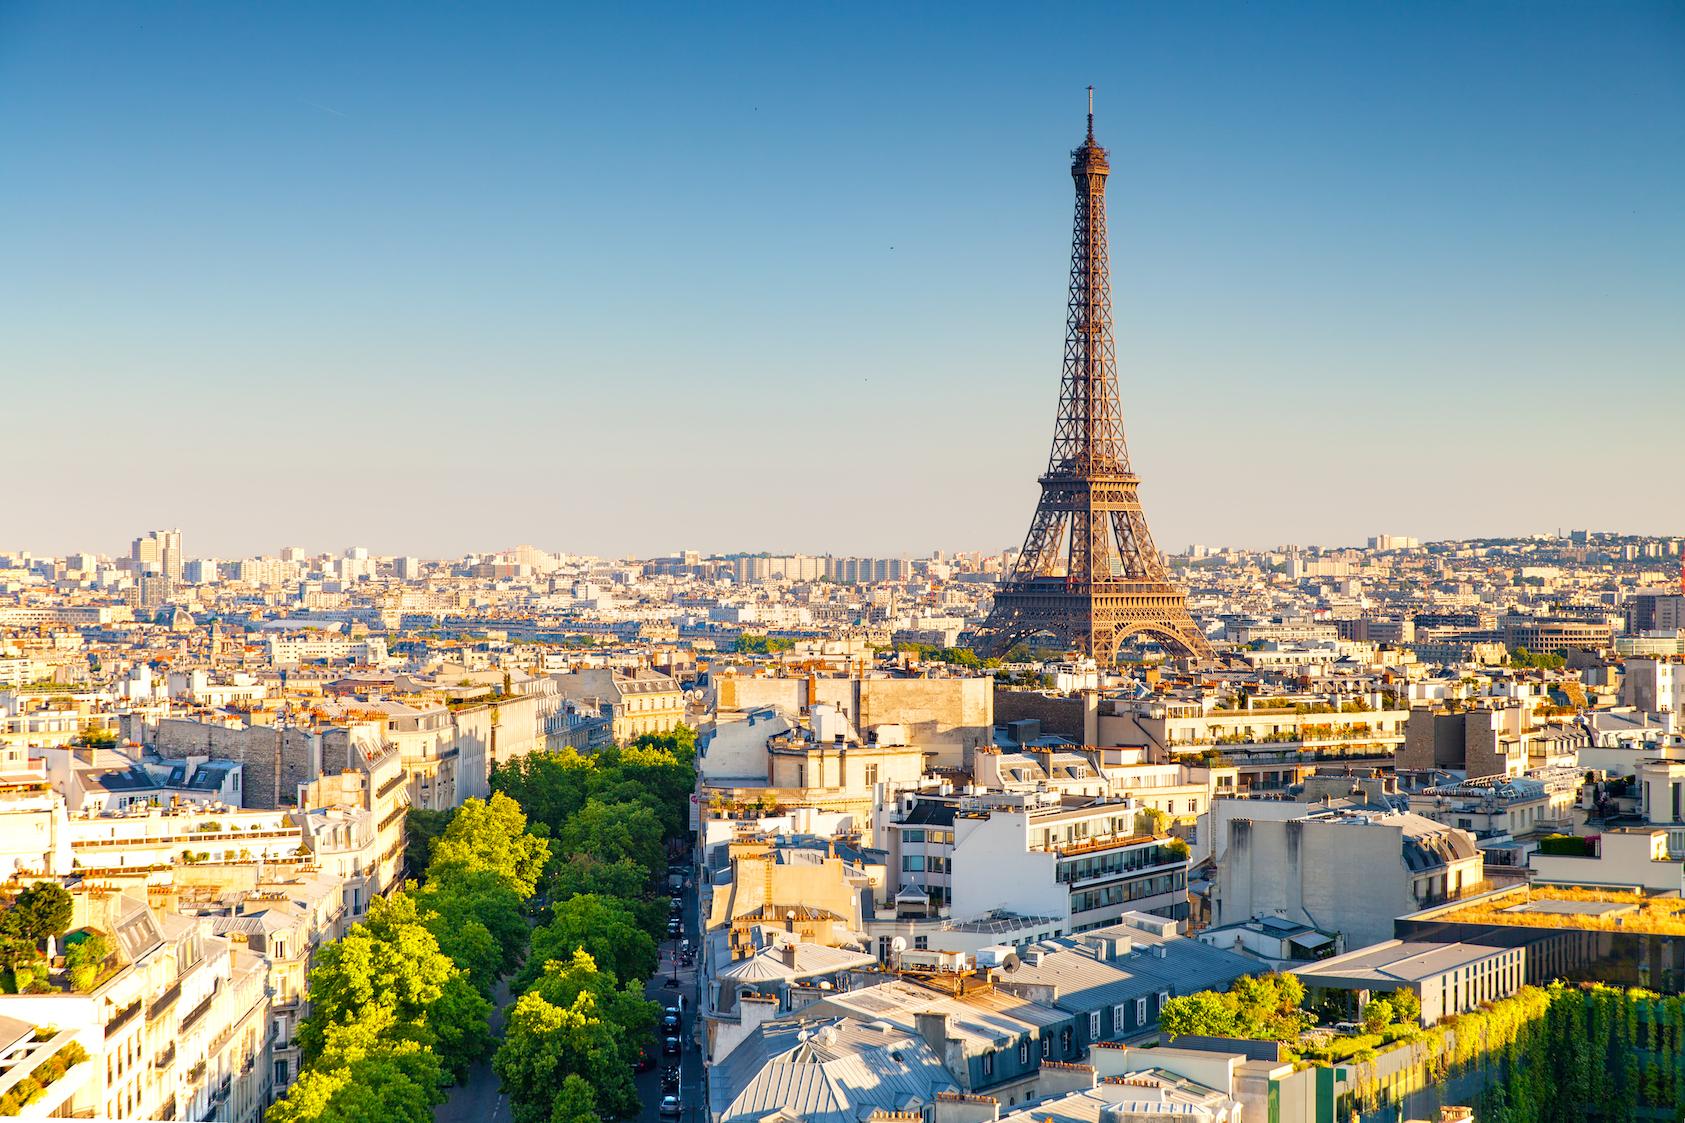 Hình ảnh thành phố nước Pháp